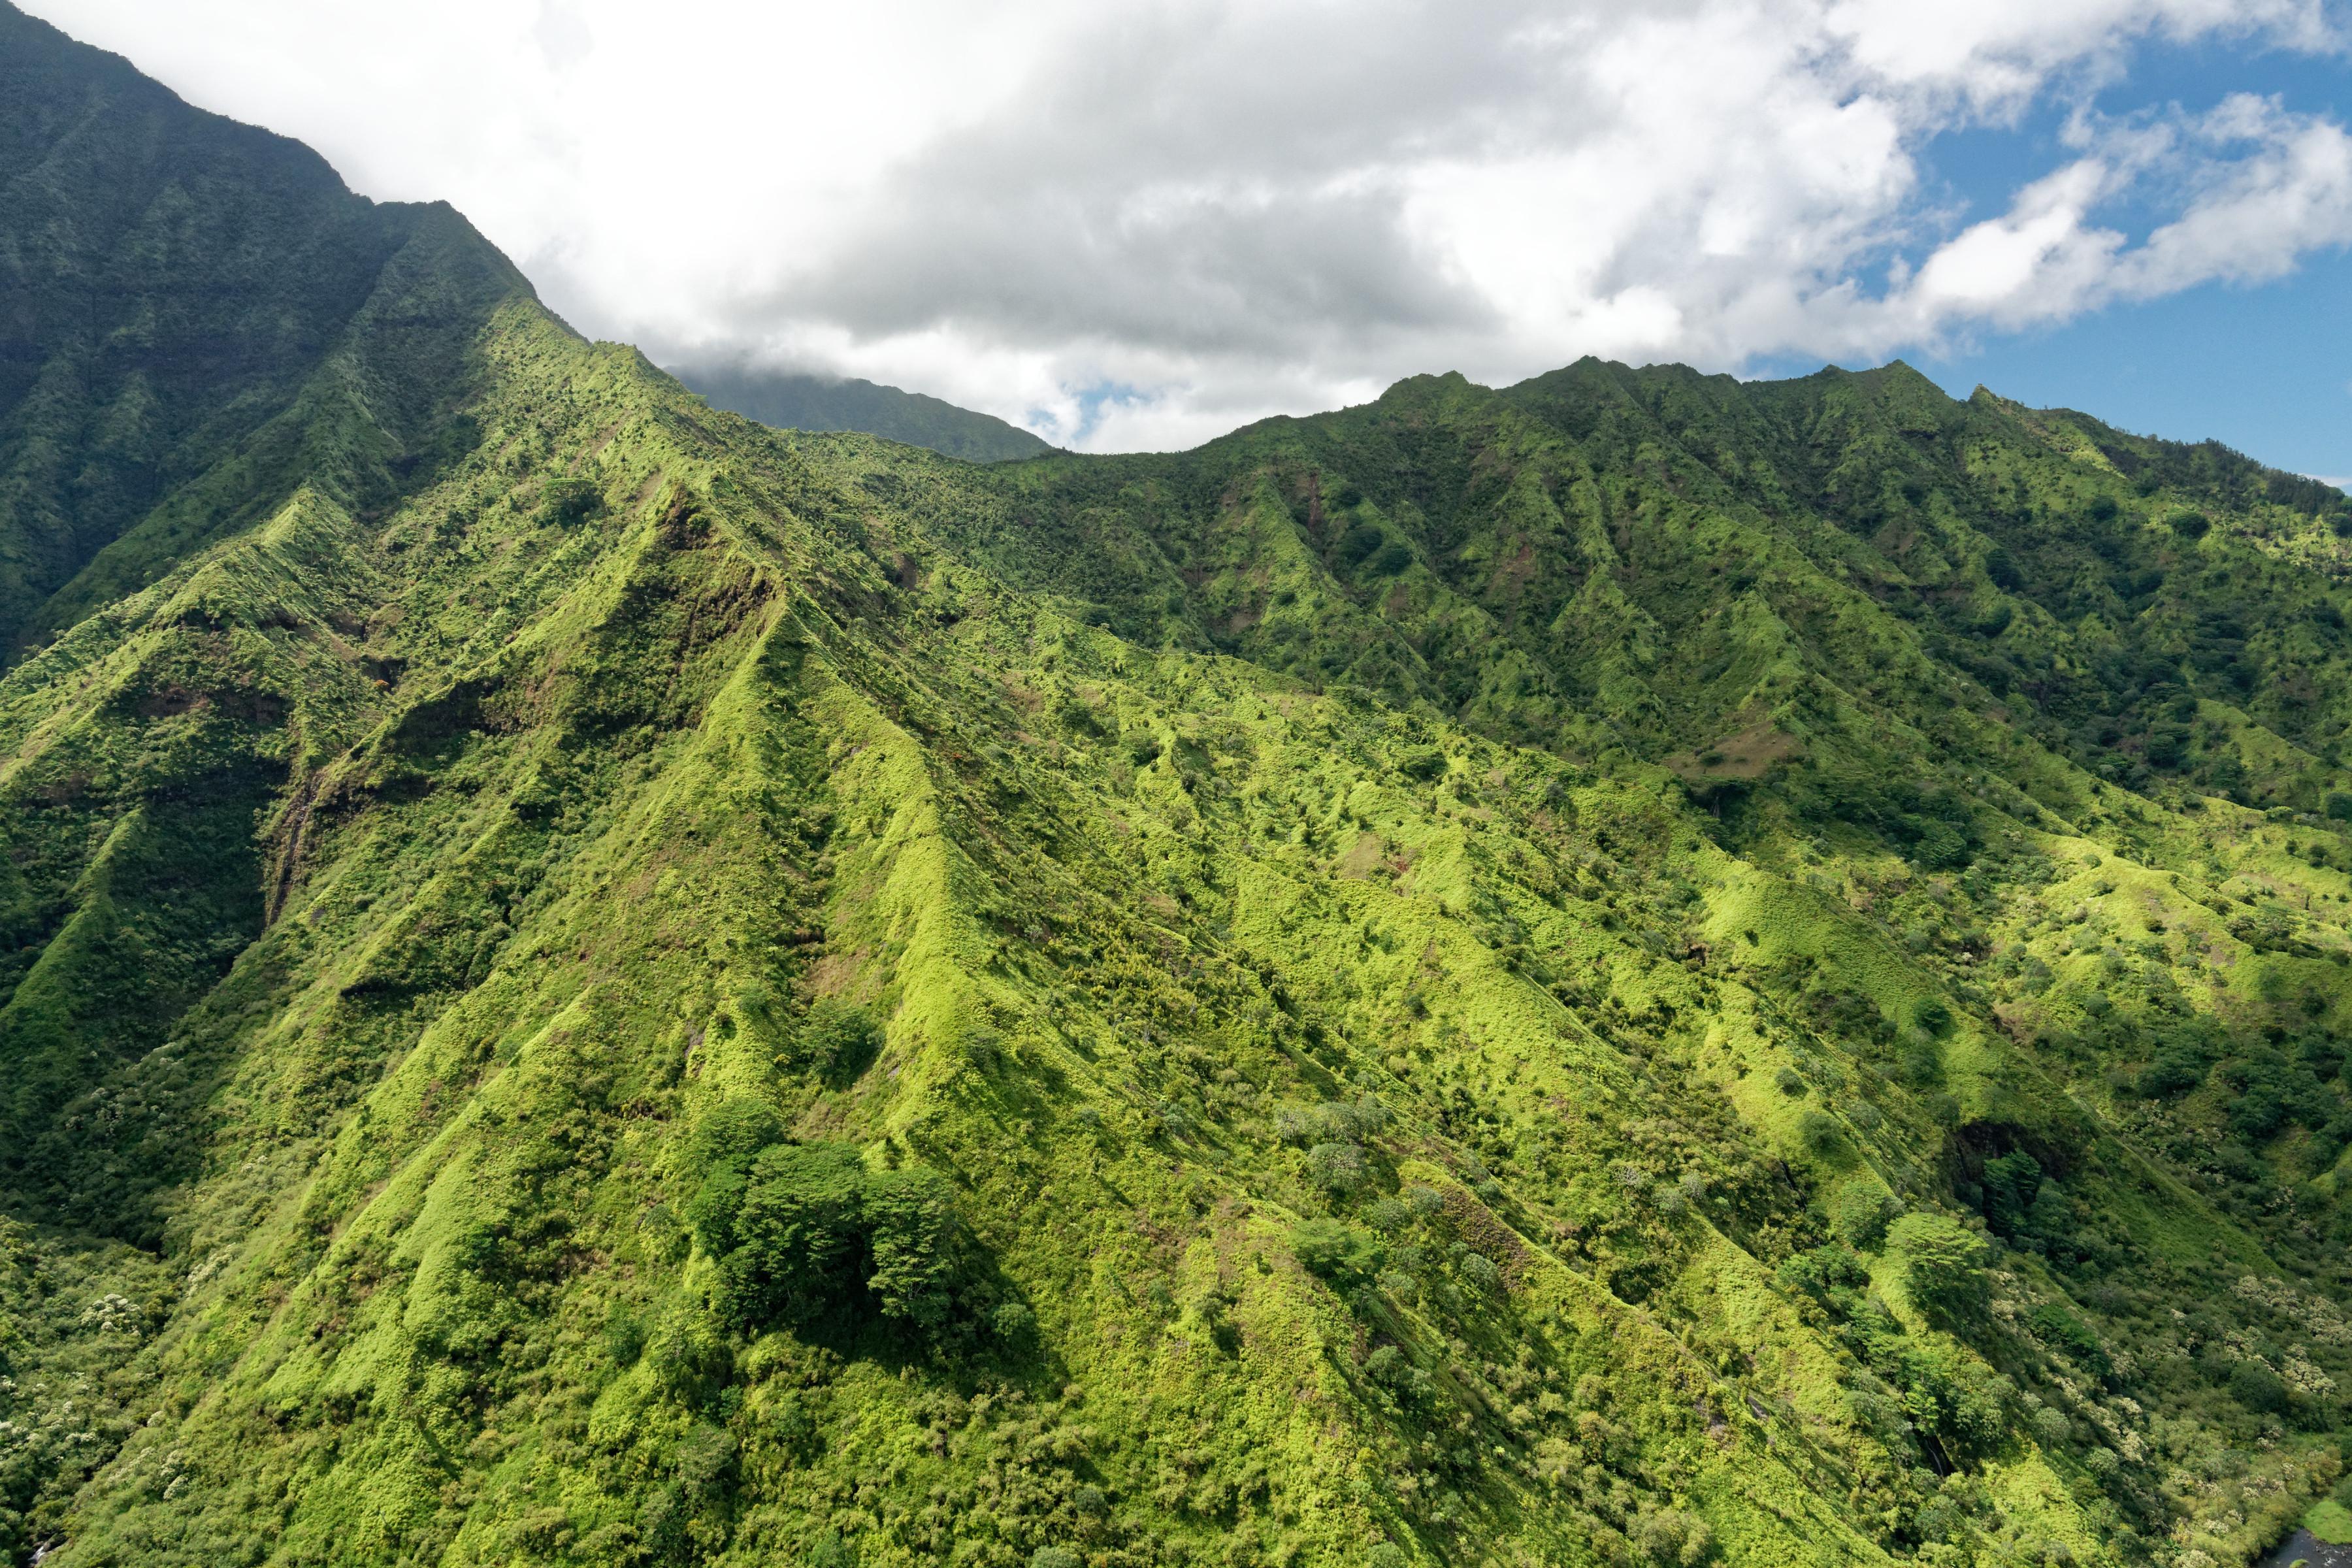 Les flancs du Waiʻaleʻale, à Kauai